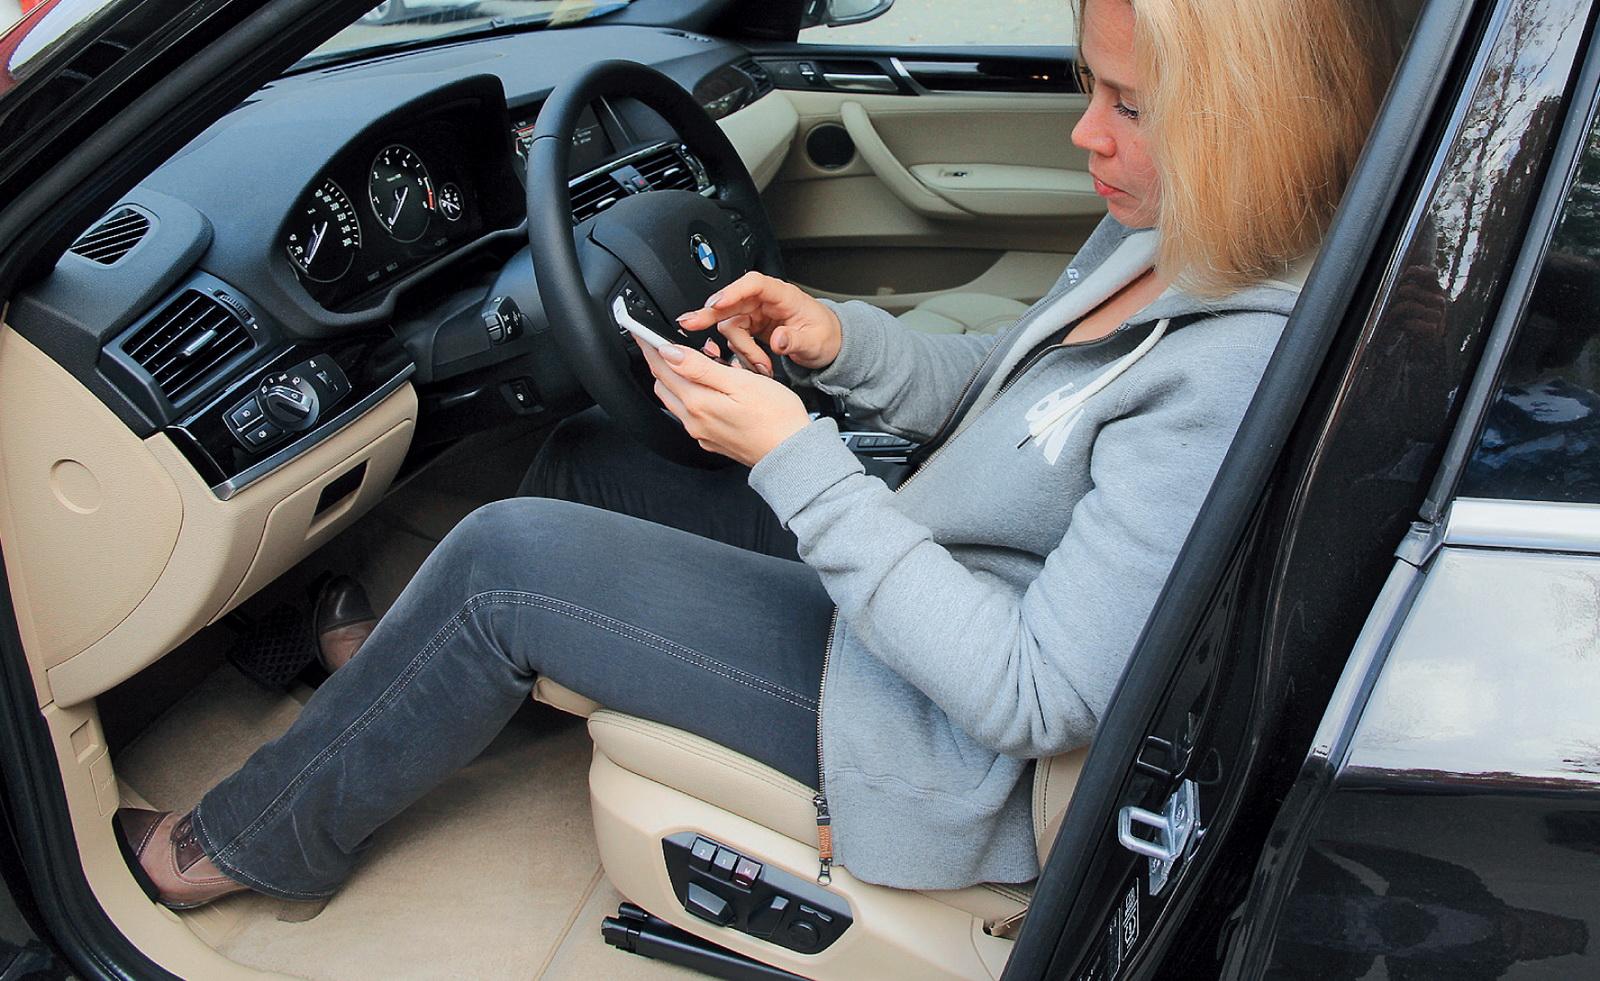 Лучшие мобильные приложения для водителей — обзор ...